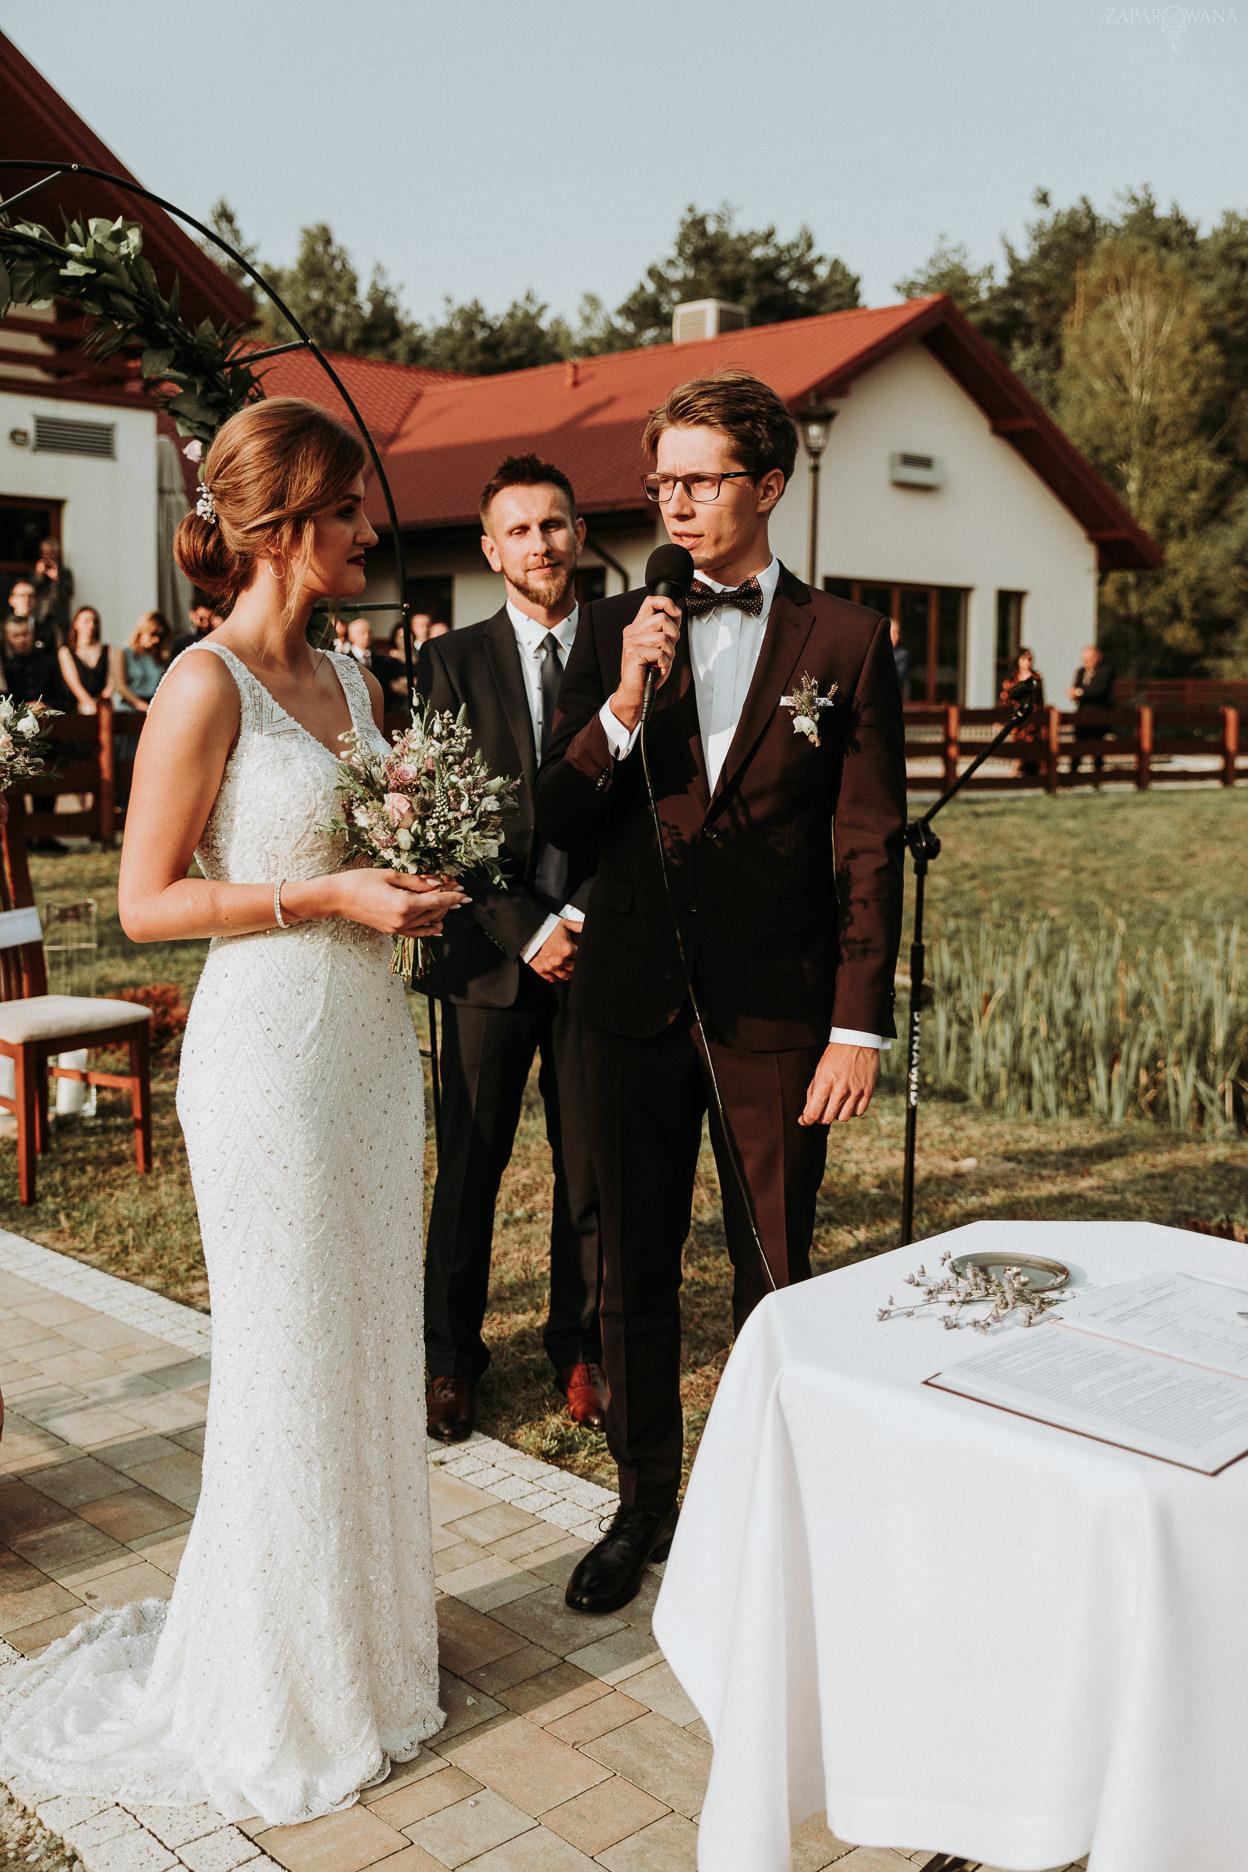 043 - ZAPAROWANA - Ślub A-A